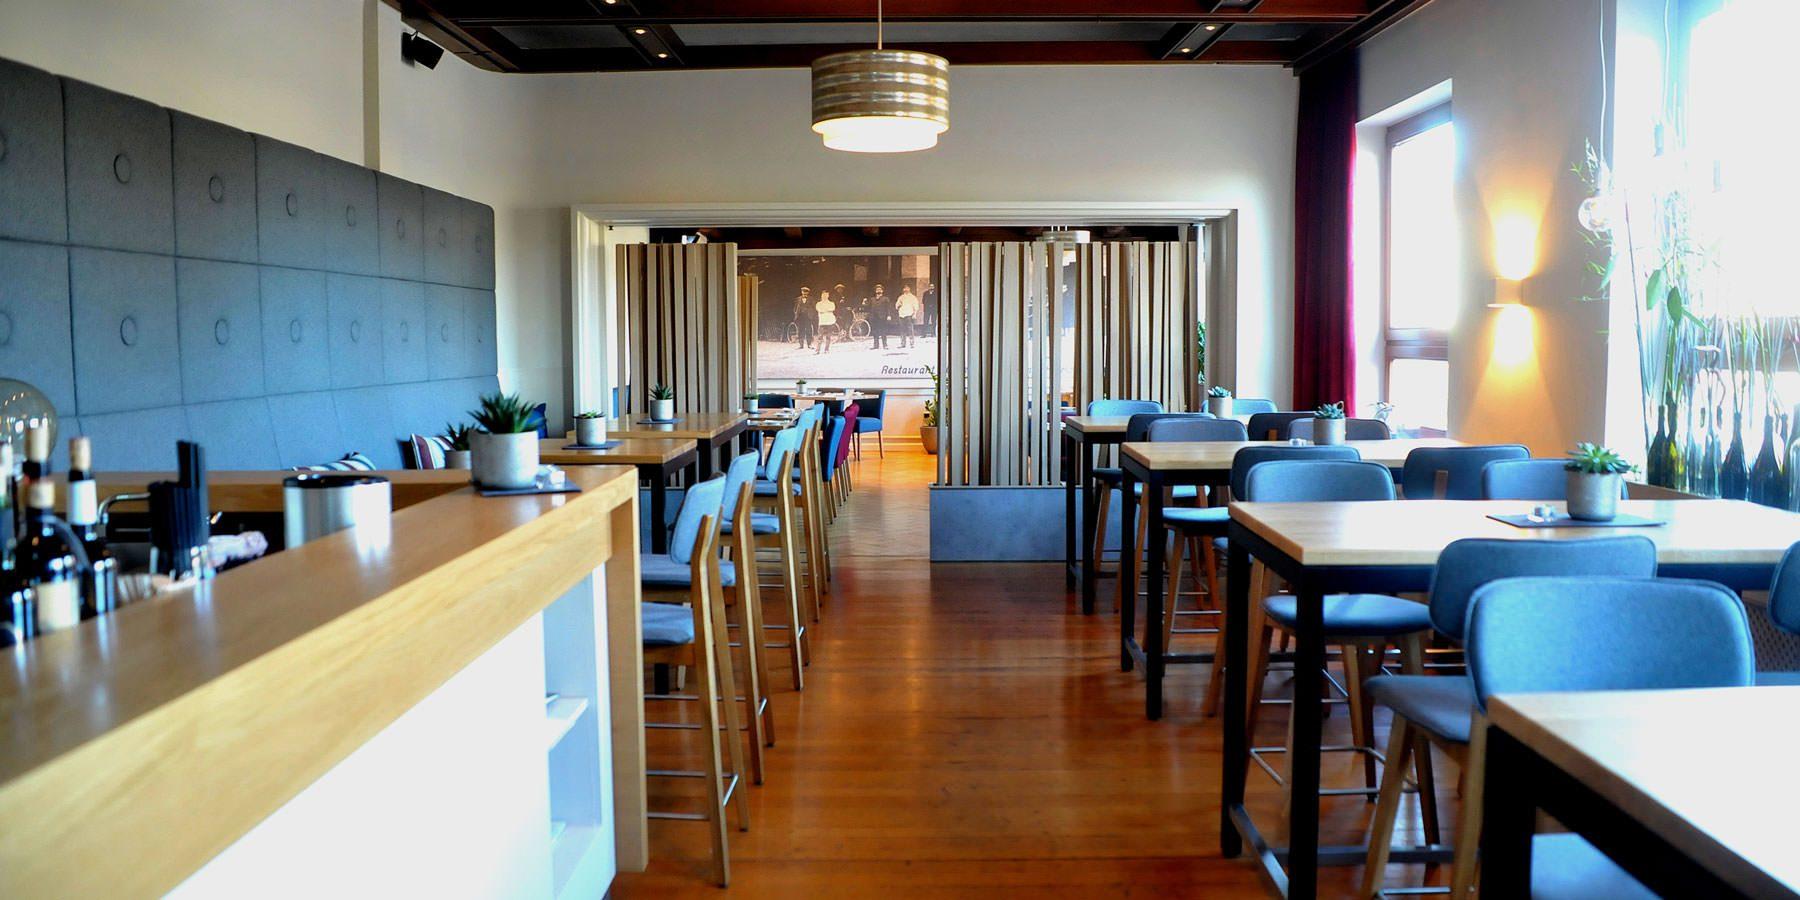 Restaurant und Hotel Hollmann in Halle Westf., Blick ins Restaurant und Bistrobereich